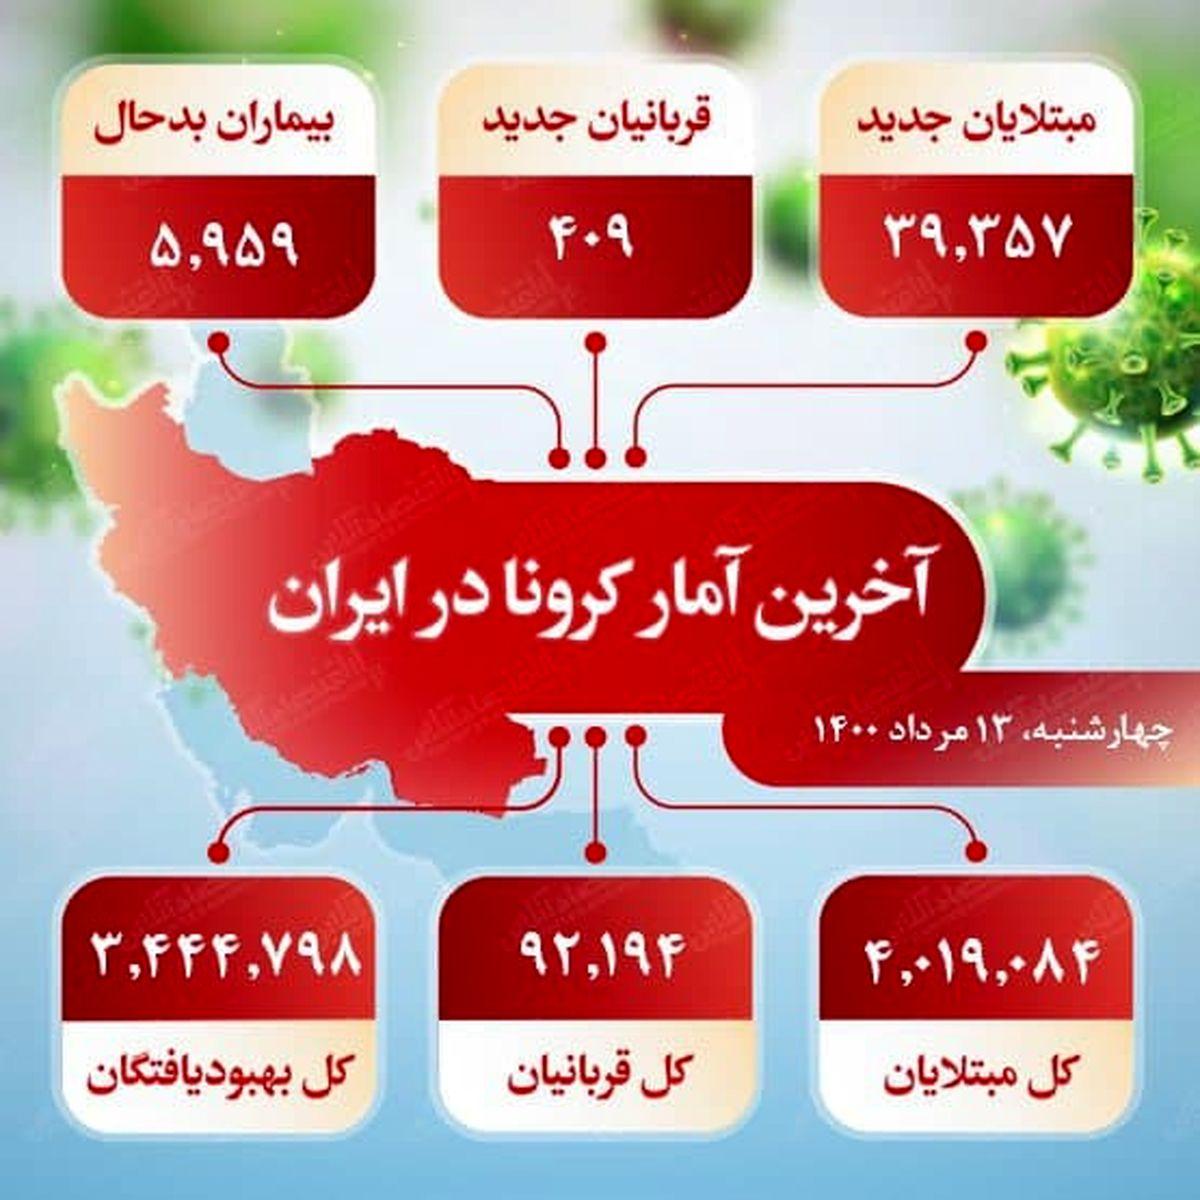 آخرین آمار کرونا در ایران (۱۴۰۰/۵/۱۳)